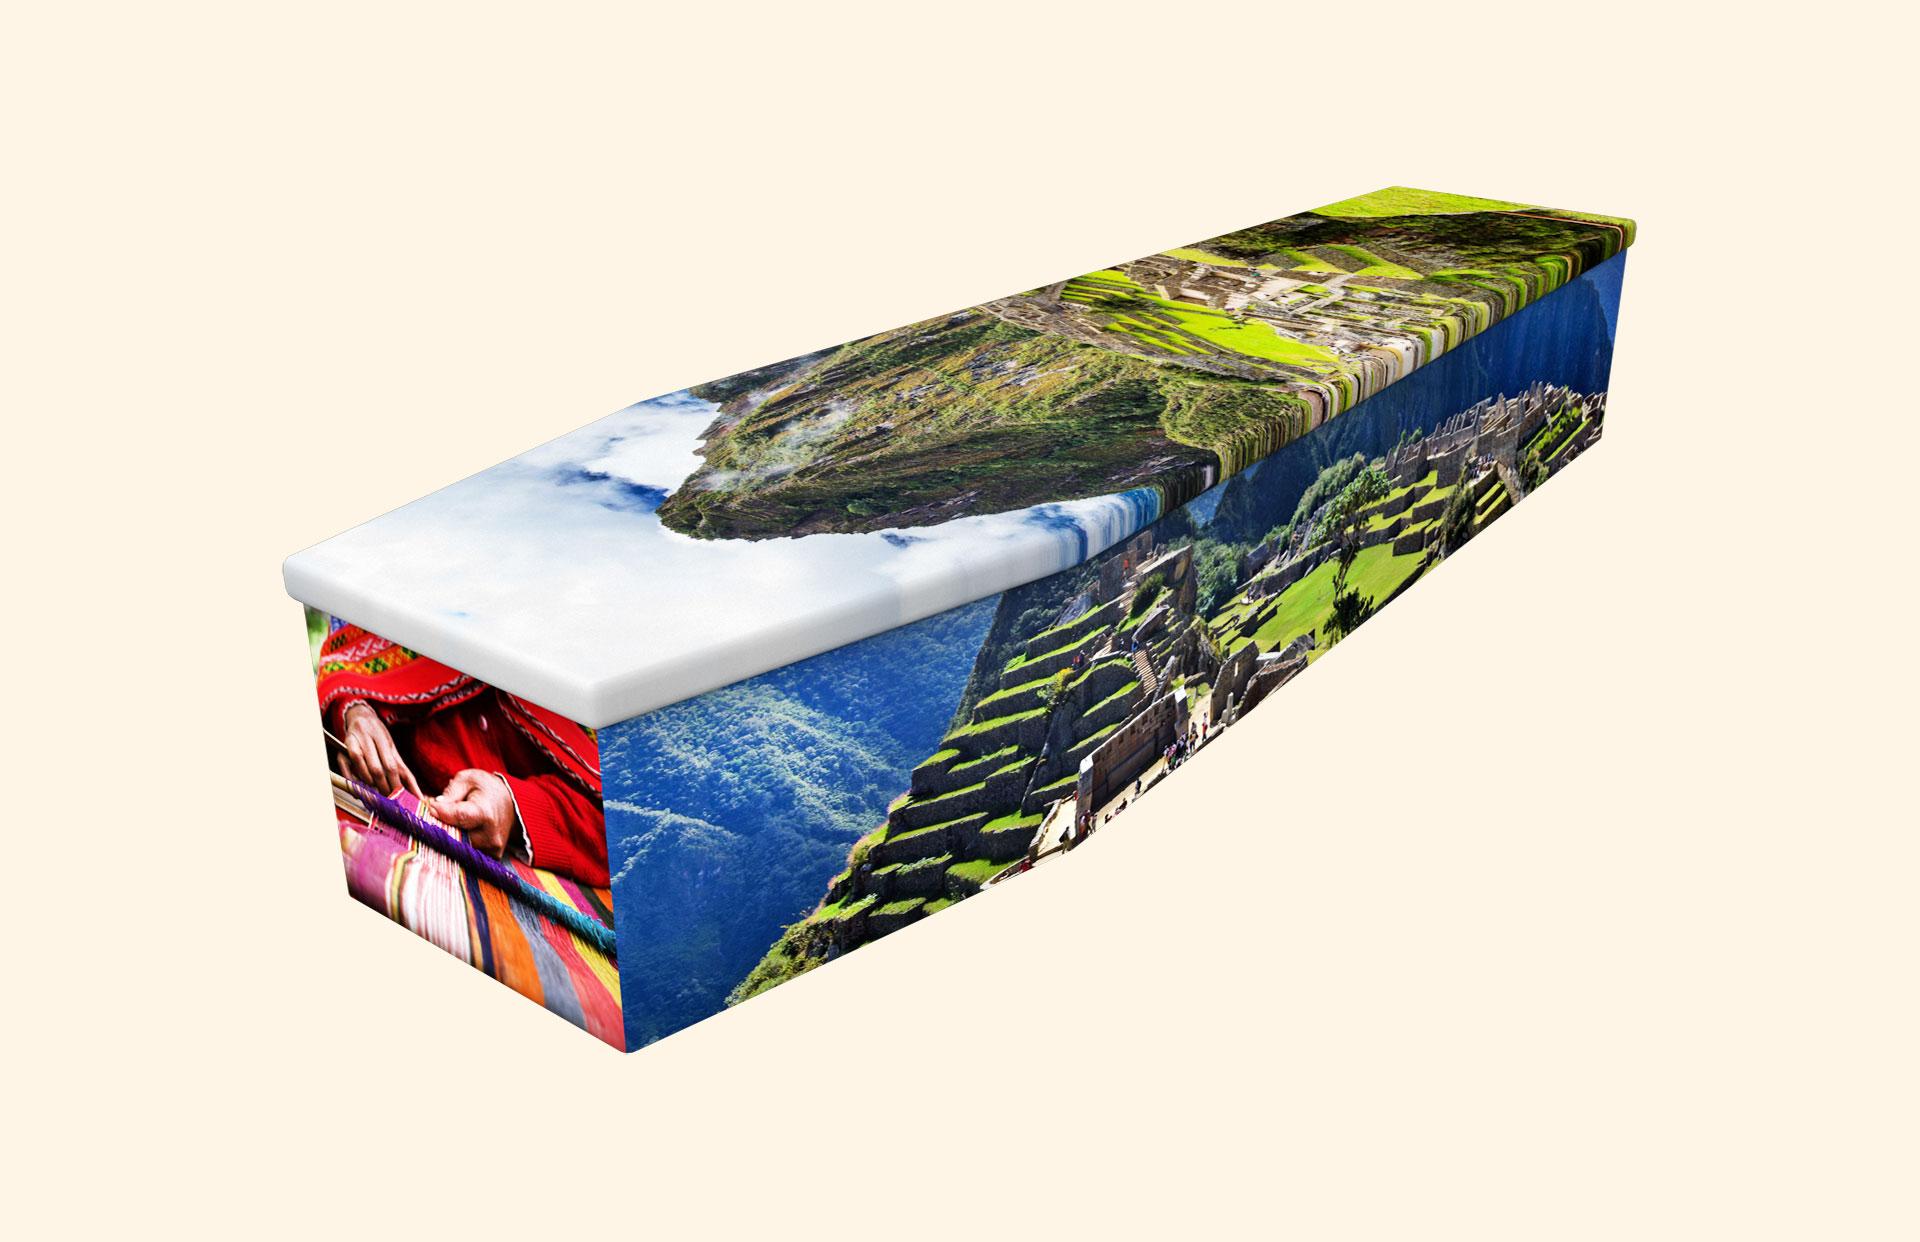 Machu Picchu cardboard coffin